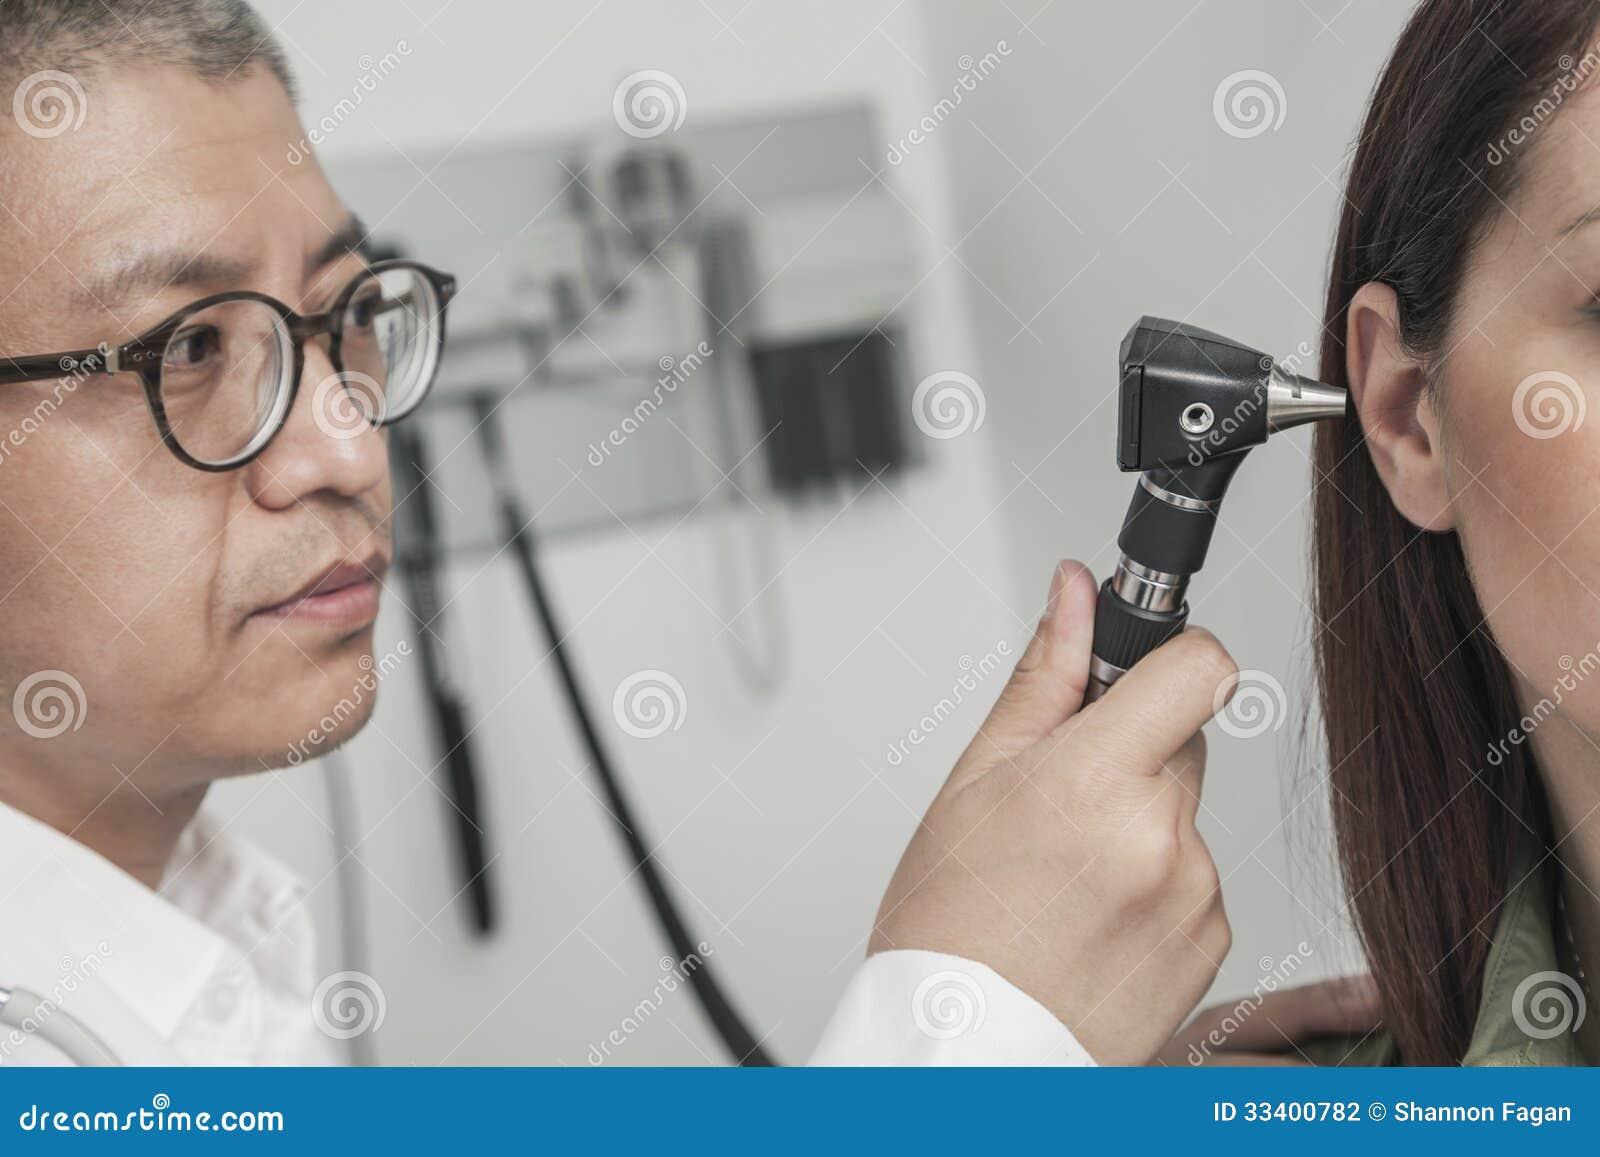 Nahaufnahme von Doktor die Ohren eines Patienten überprüfend